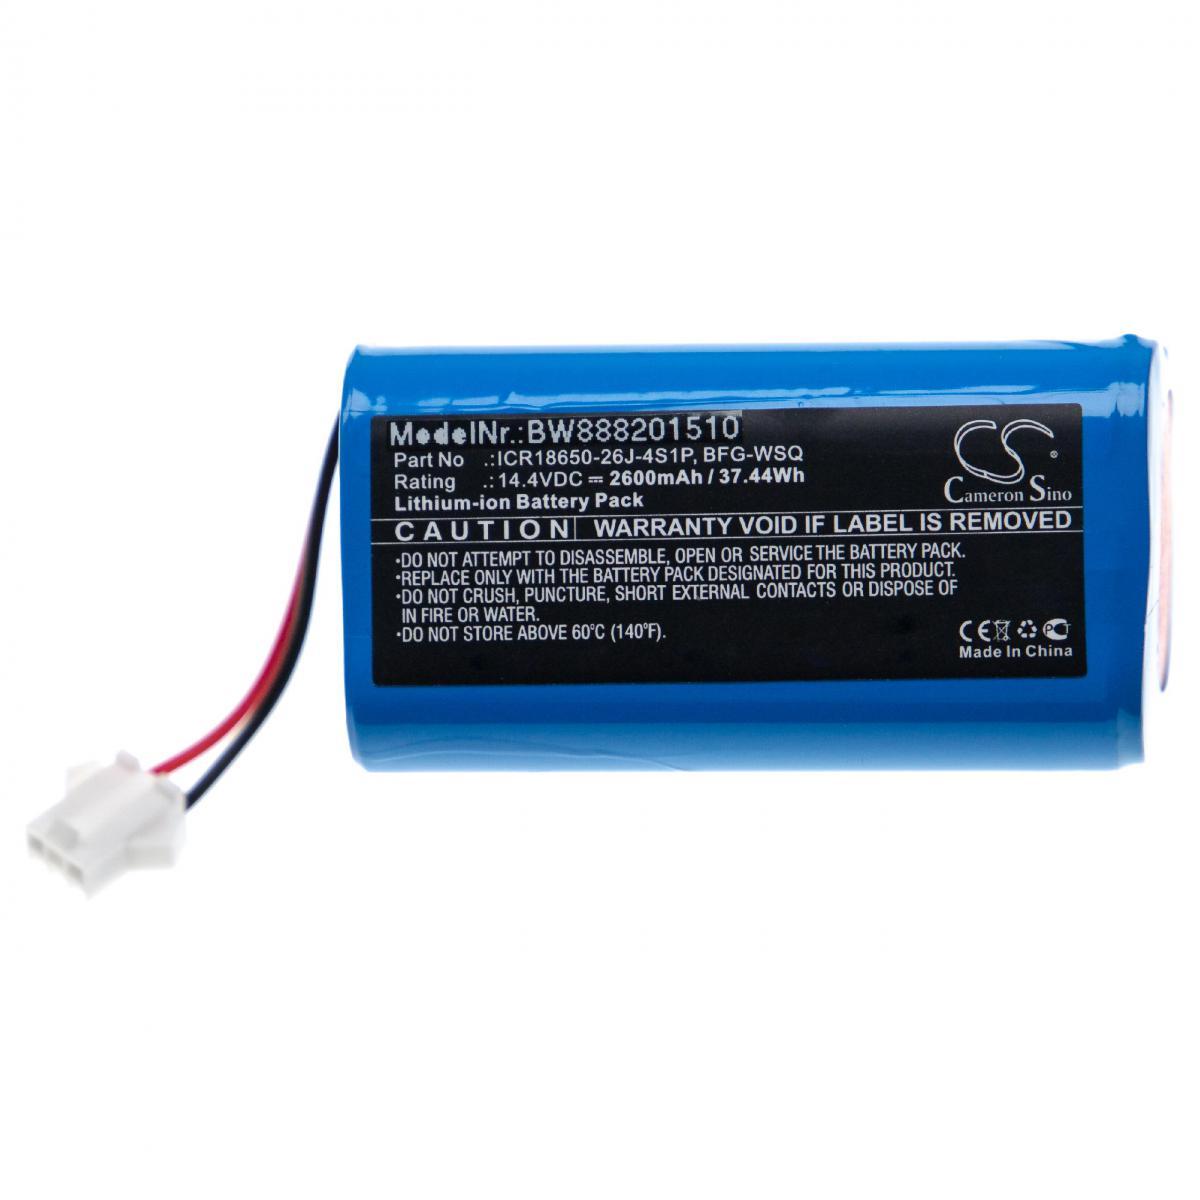 Vhbw vhbw batterie compatible avec Ecovacs Deebot 601, 605, DN622 aspirateur Home Cleaner (2600mAh, 14,4V, Li-ion)